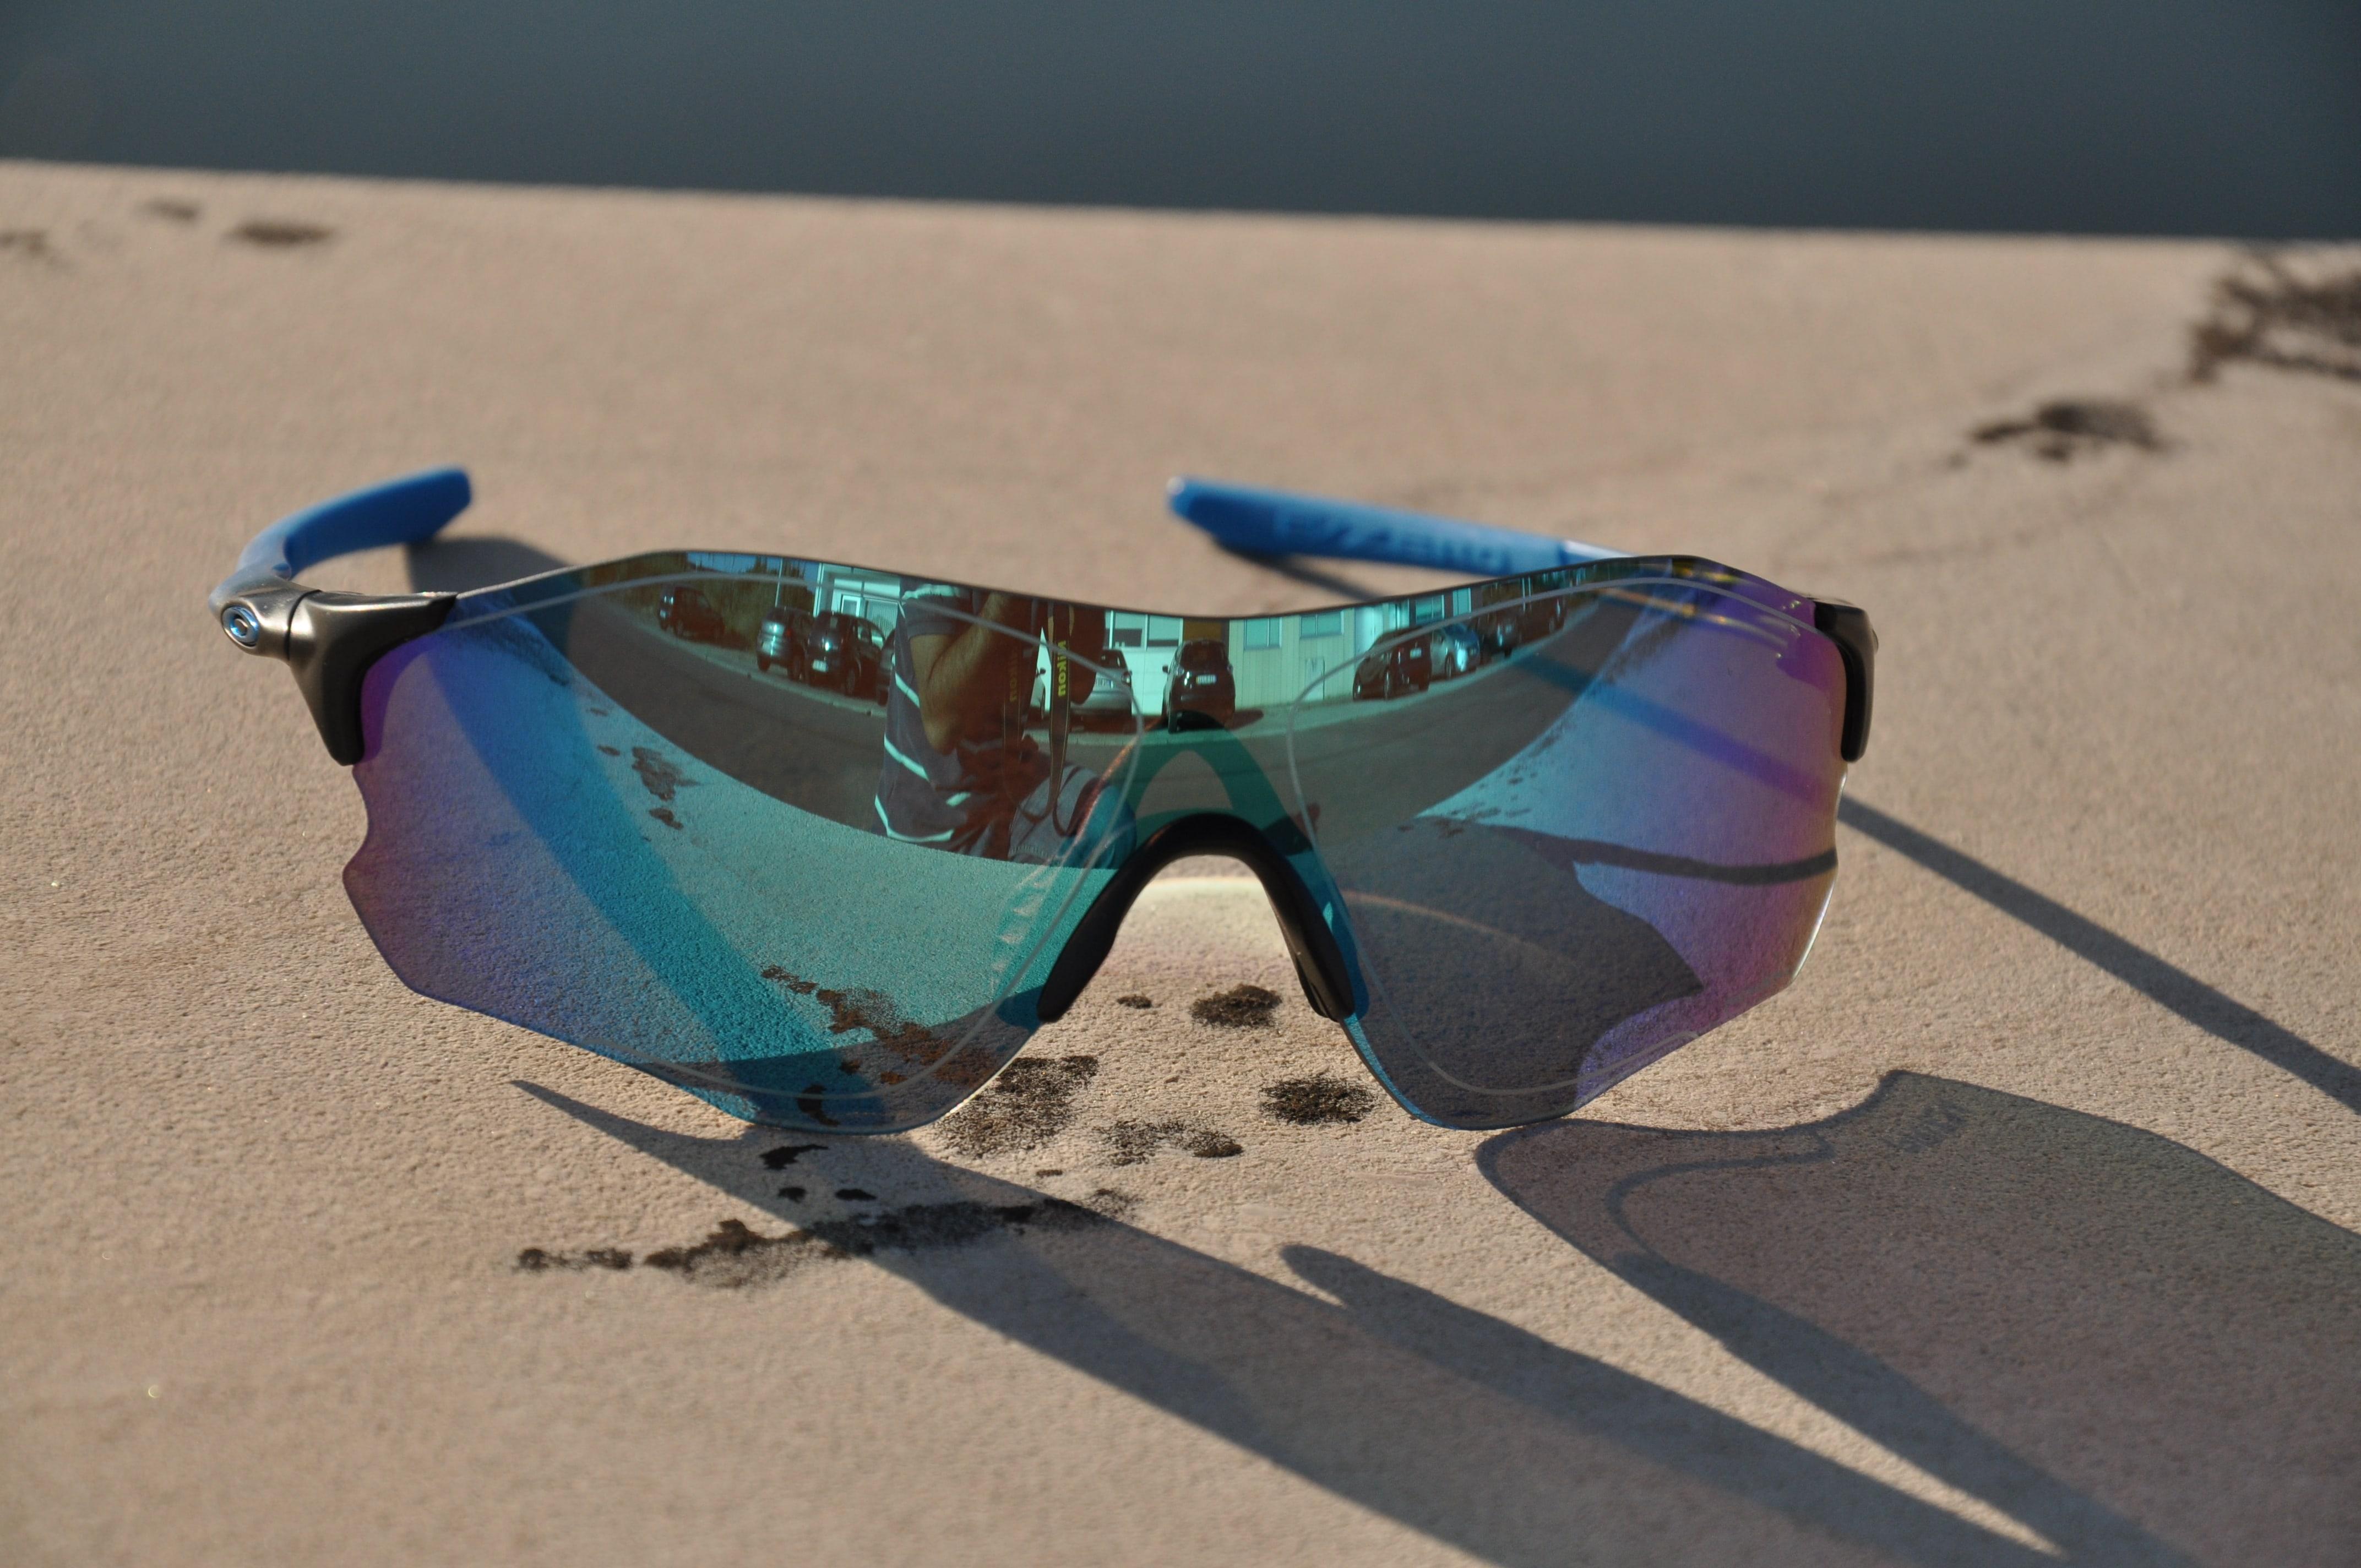 Se procuras uns óculos para andar com a bike, leves, com tecnologia que  protege e a ajuda a tua visão, estes óculos Oakley EVZero Path Prizm  Polarized . 2ac5f9018d